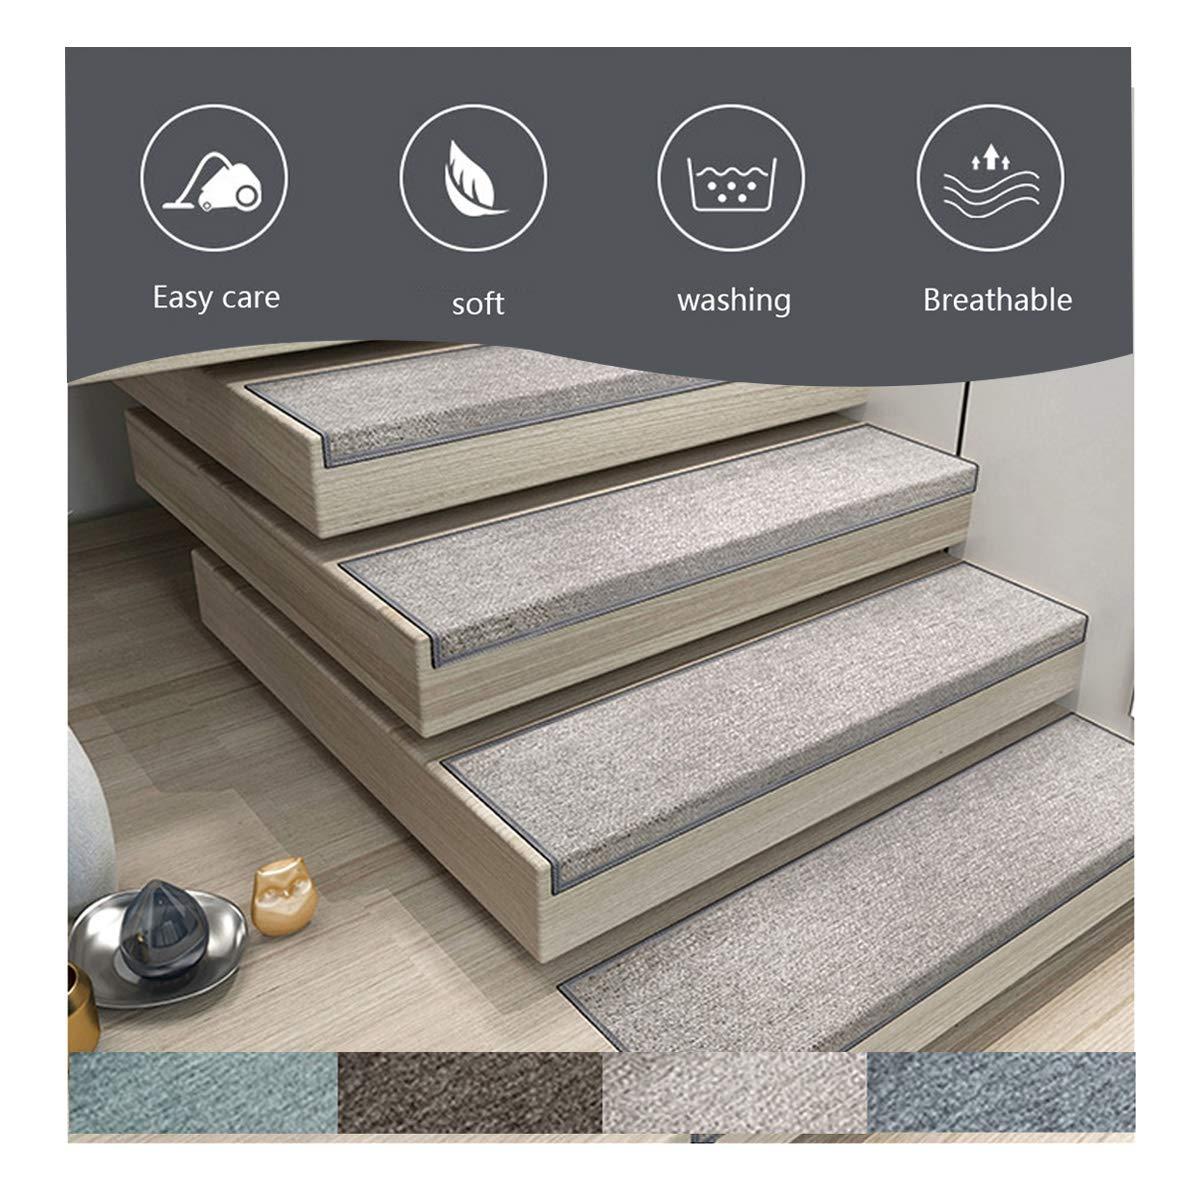 WOHOGAR Alfombras para escaleras, 15 Conjunto de Escalera de ratón Paso de alfombras Antideslizantes en Adhesivo Manta/Estera de Huella de peldaño, 75 * 26 * 3cm (Color : Light Grey): Amazon.es: Hogar